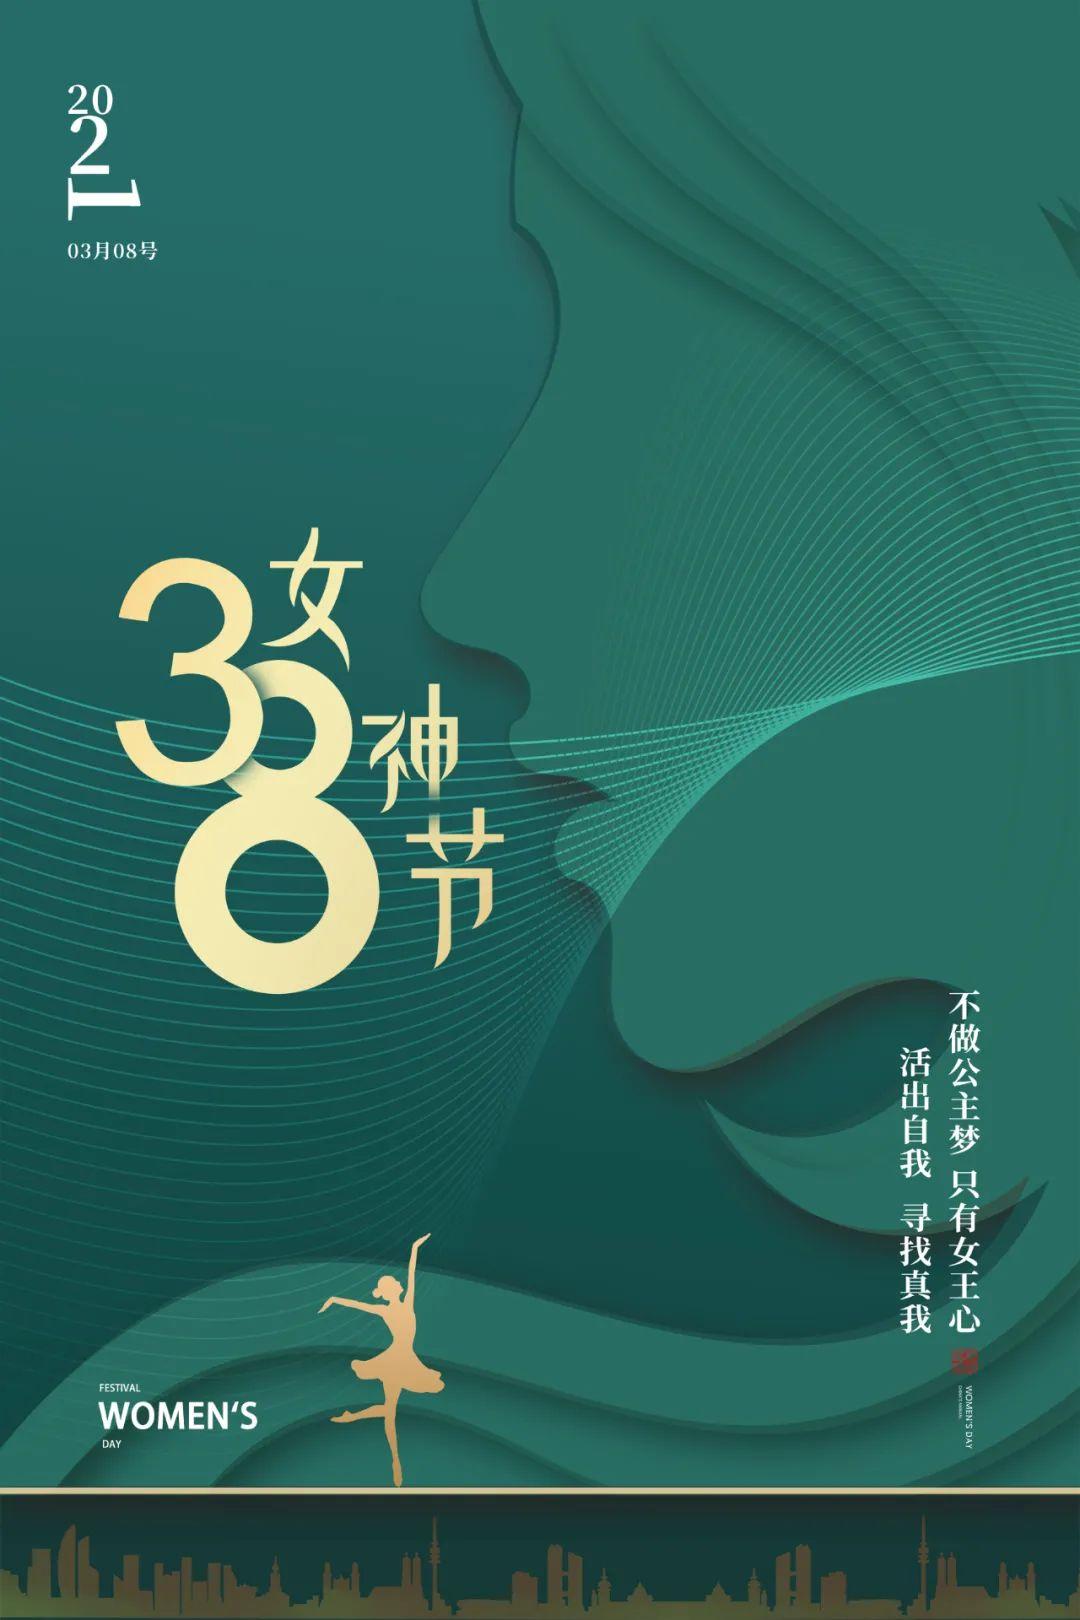 三八妇女节女神节图片配图海报大全,3.8女生节祝福问候语文案